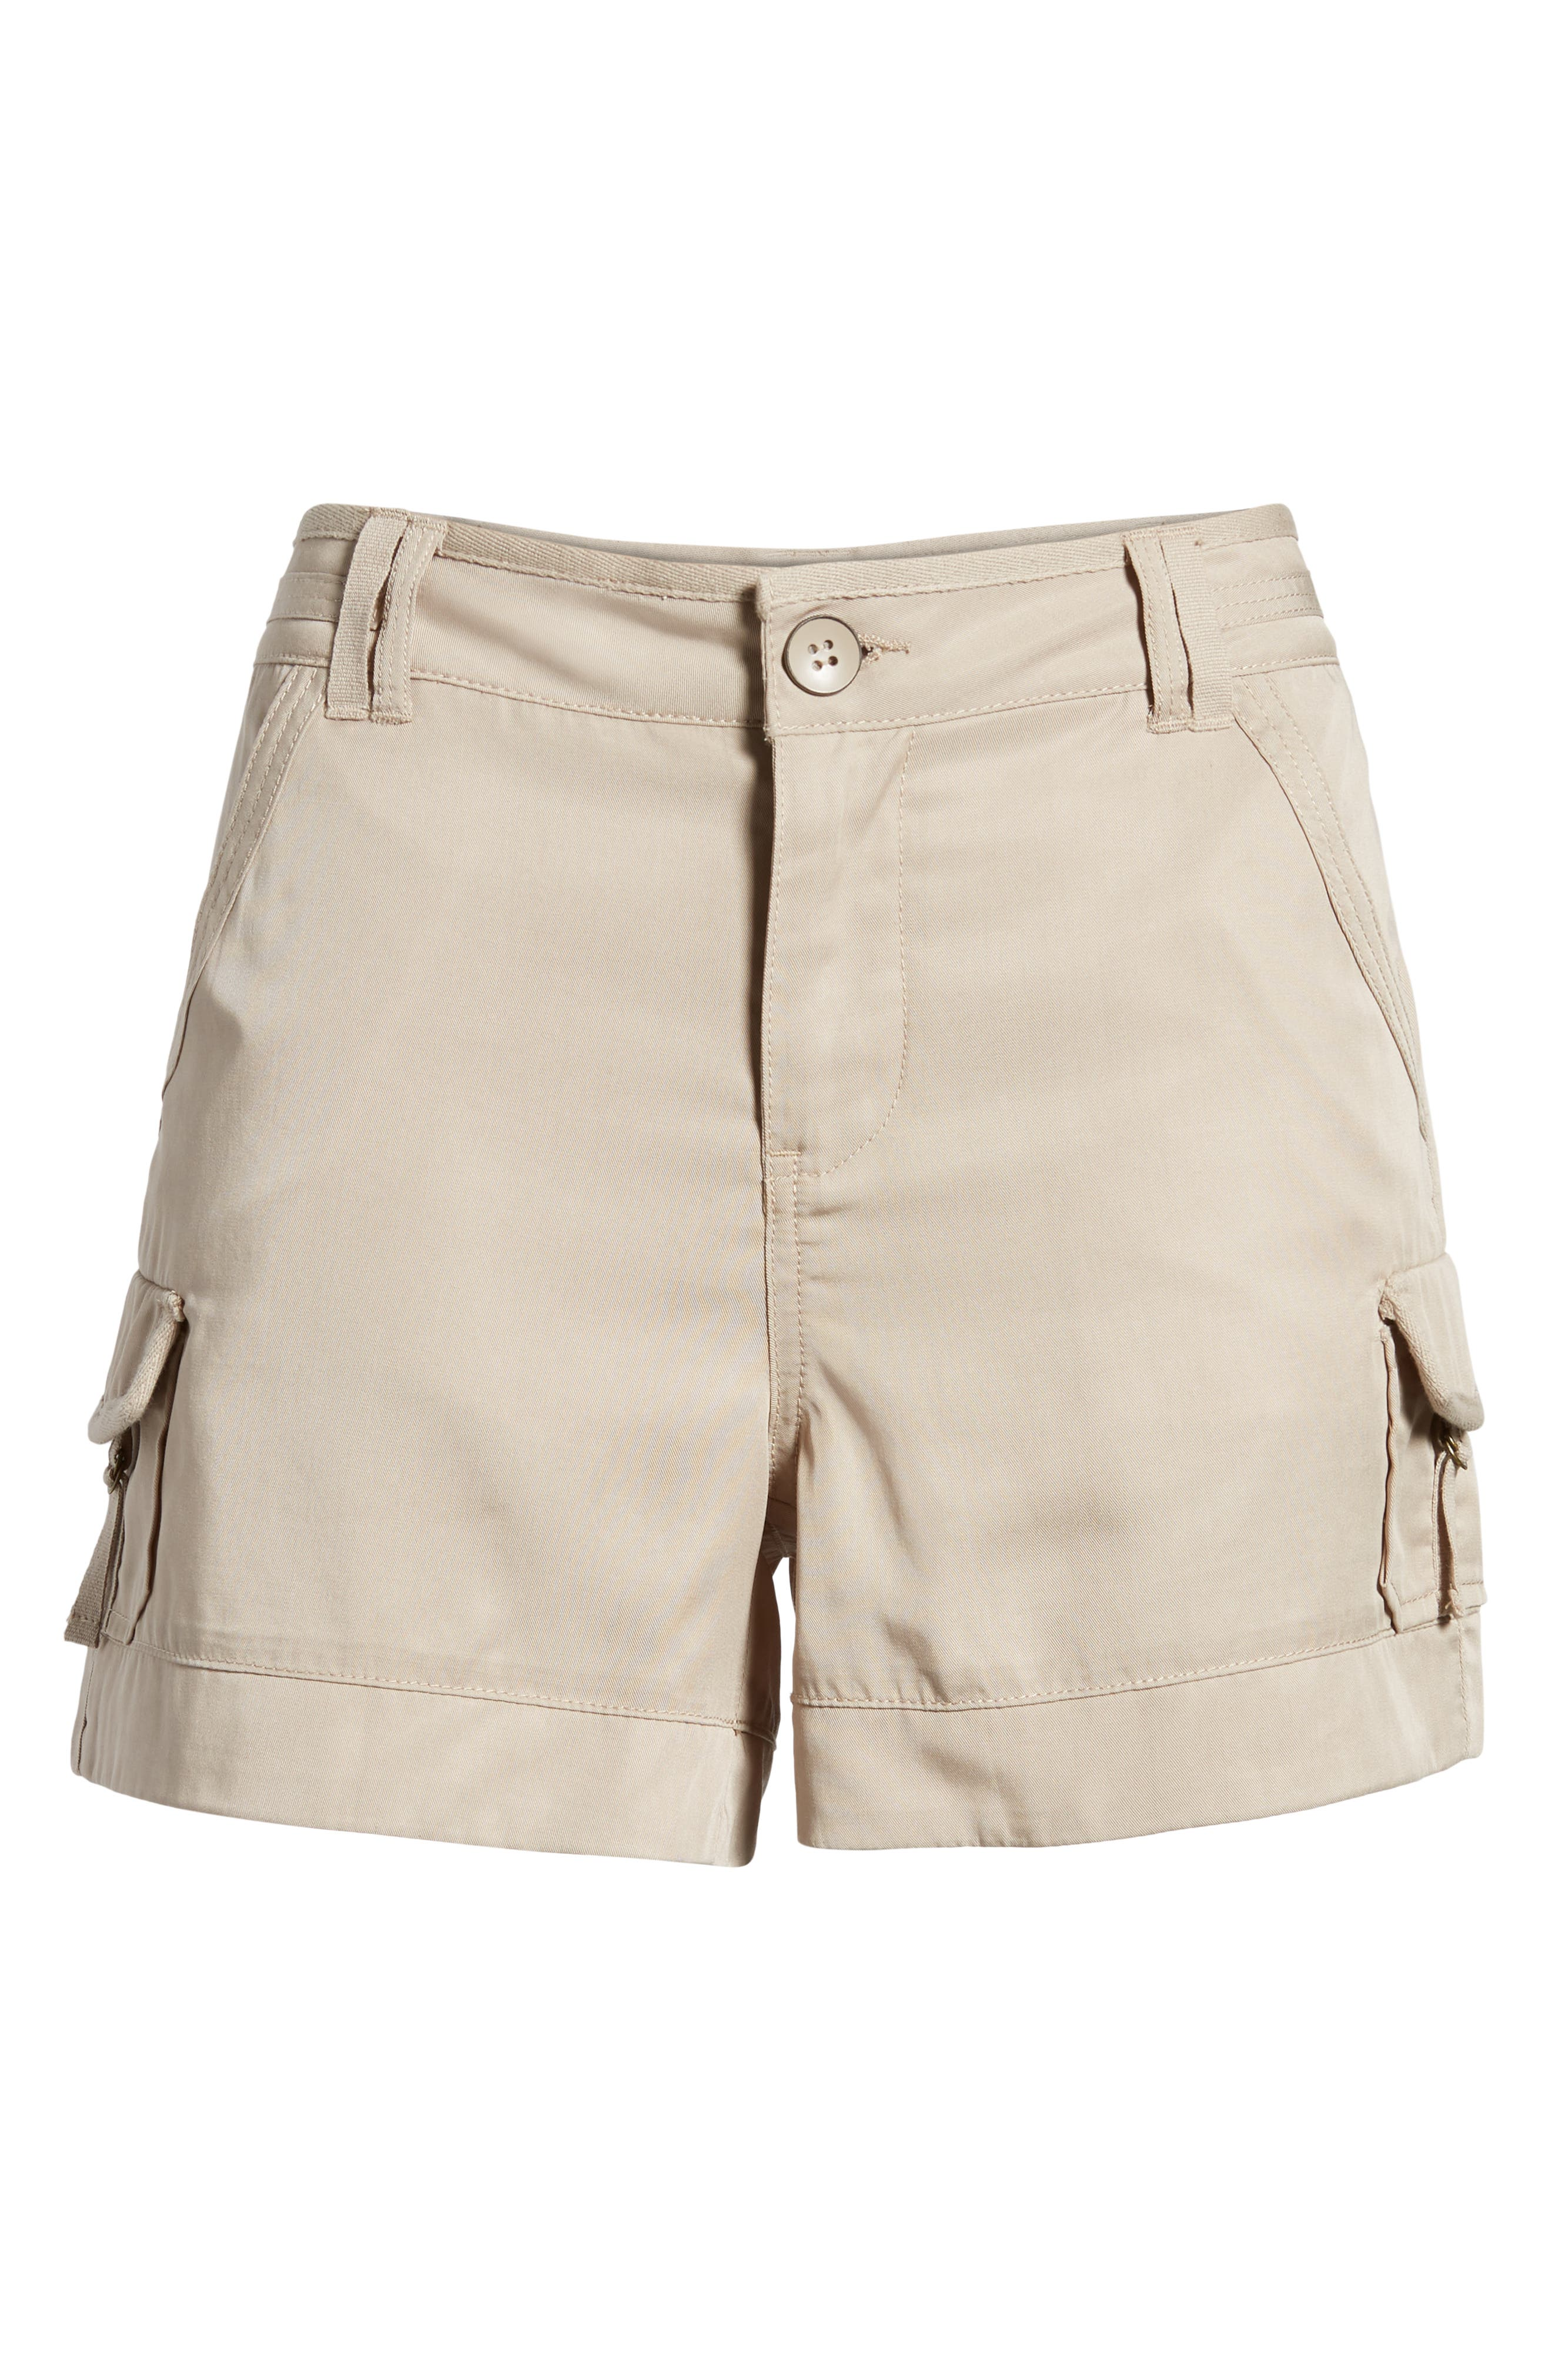 High Rise Tencel Shorts,                             Alternate thumbnail 23, color,